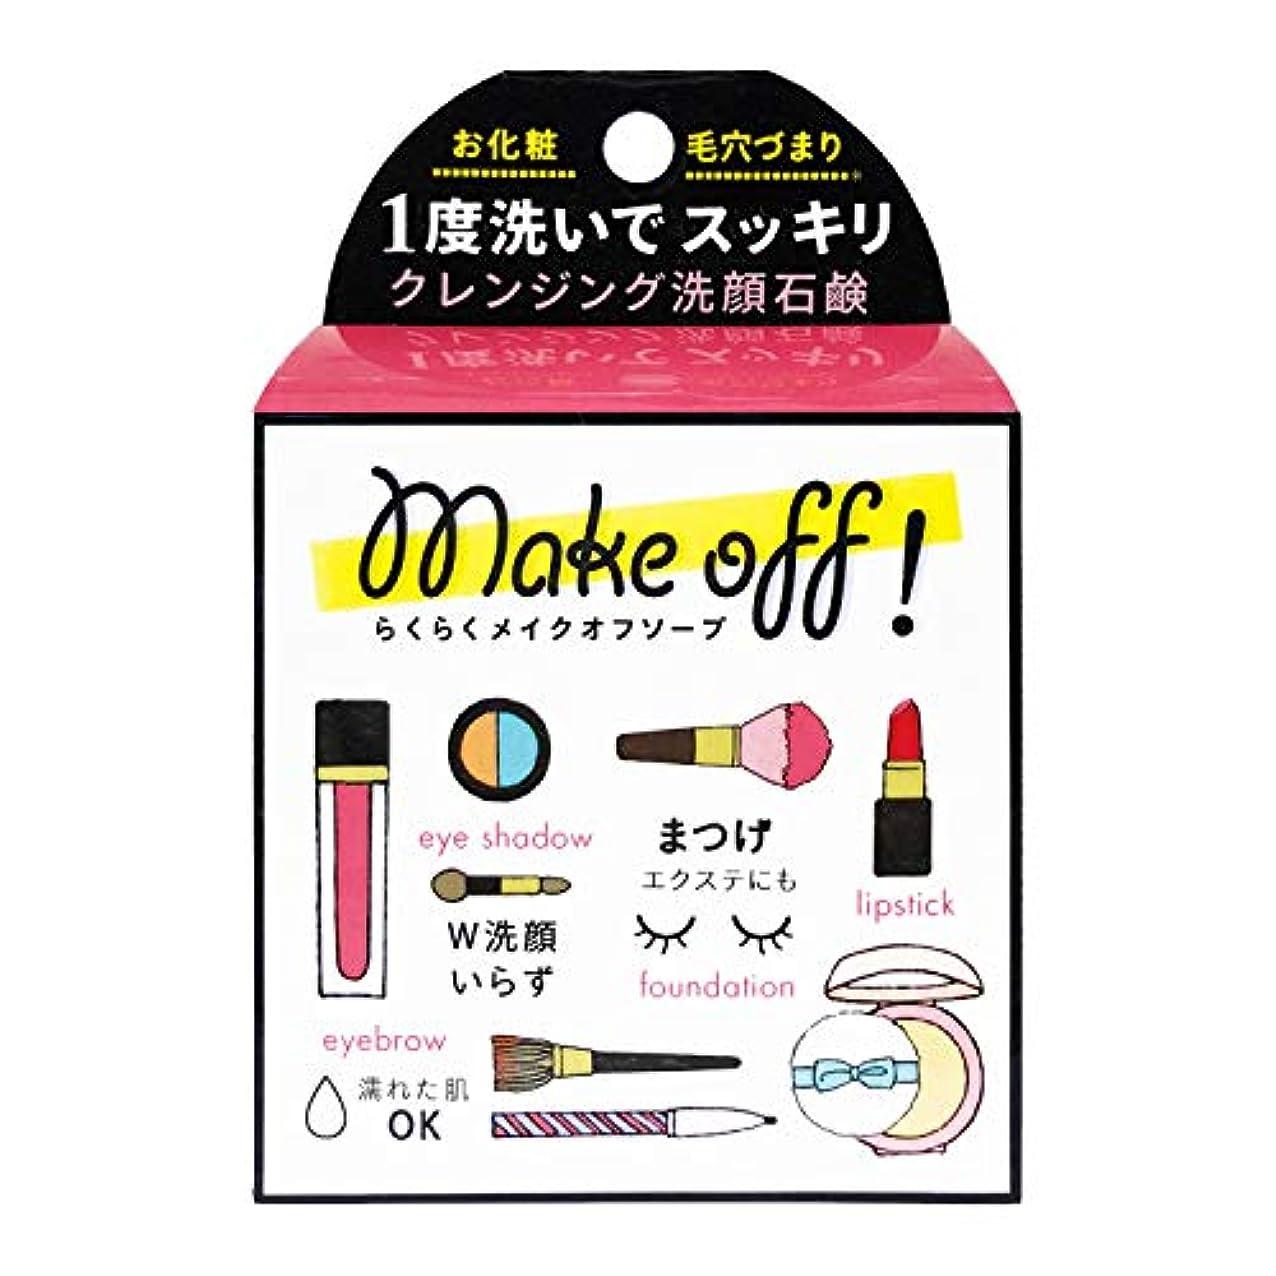 闇適性不確実MAKE OFF SOAP (メイク オフ ソープ) 80g